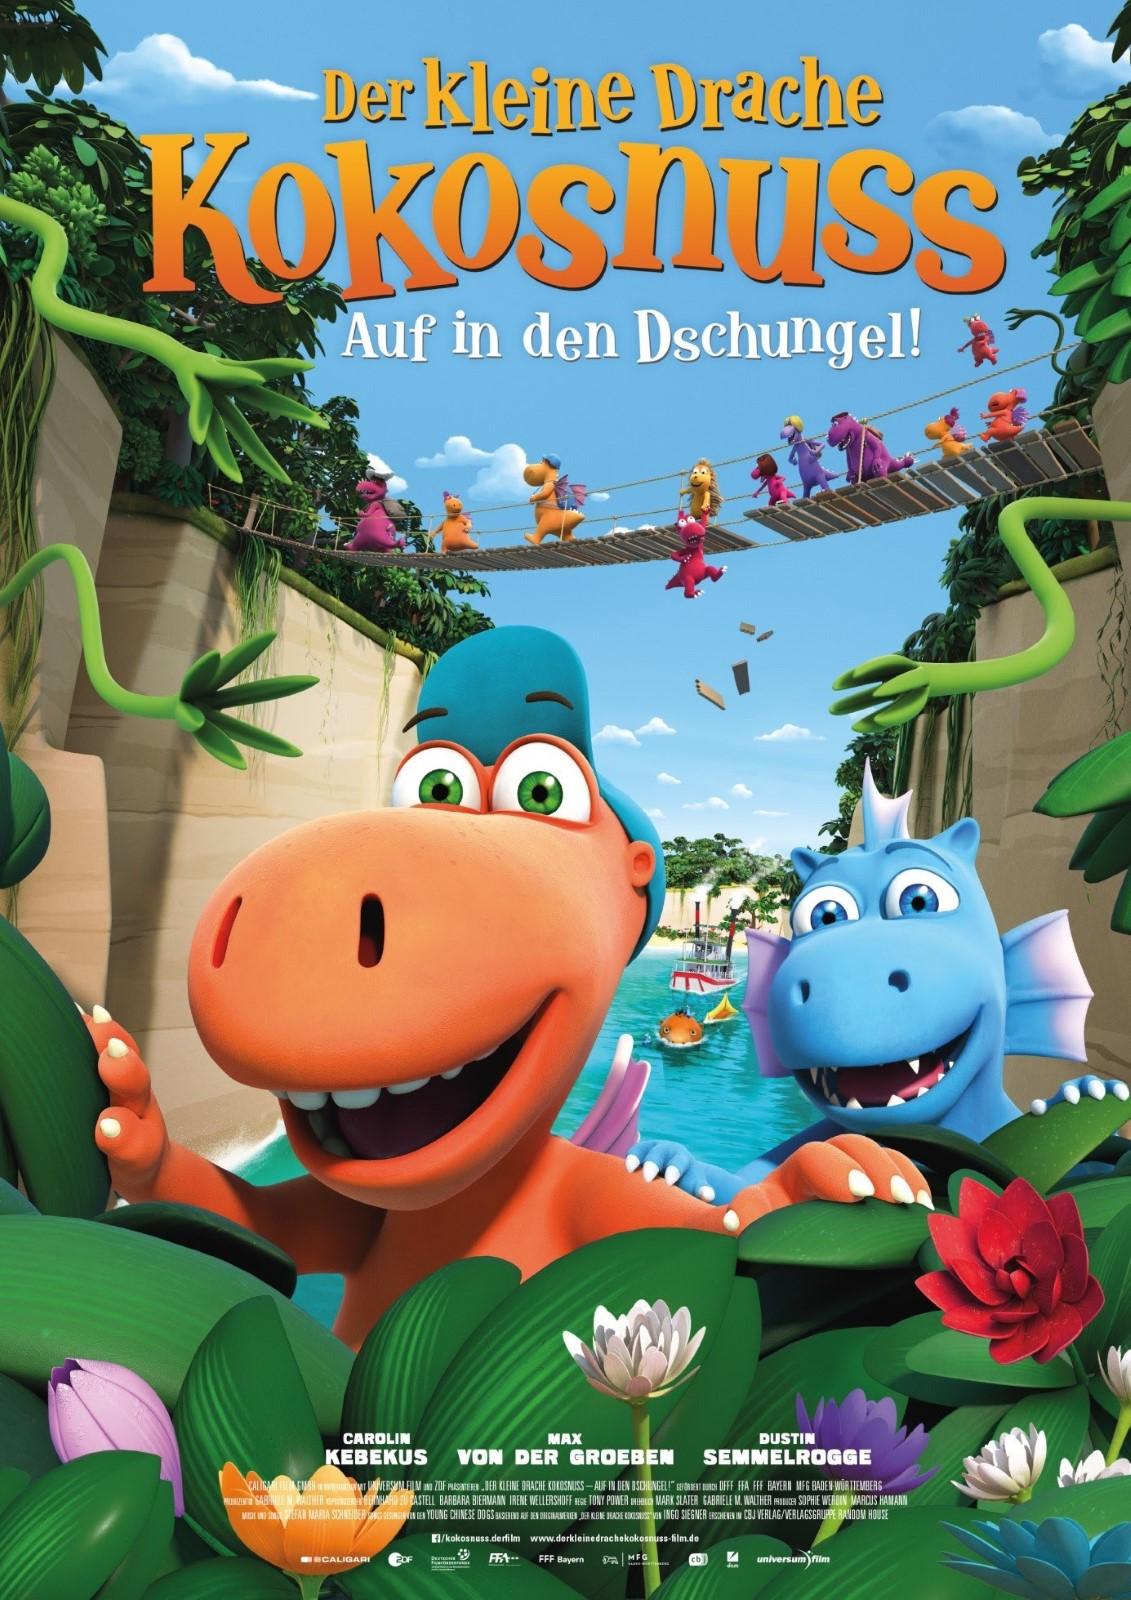 Der kleine Drache Kokosnuss - Auf in den Dschungel! kapak